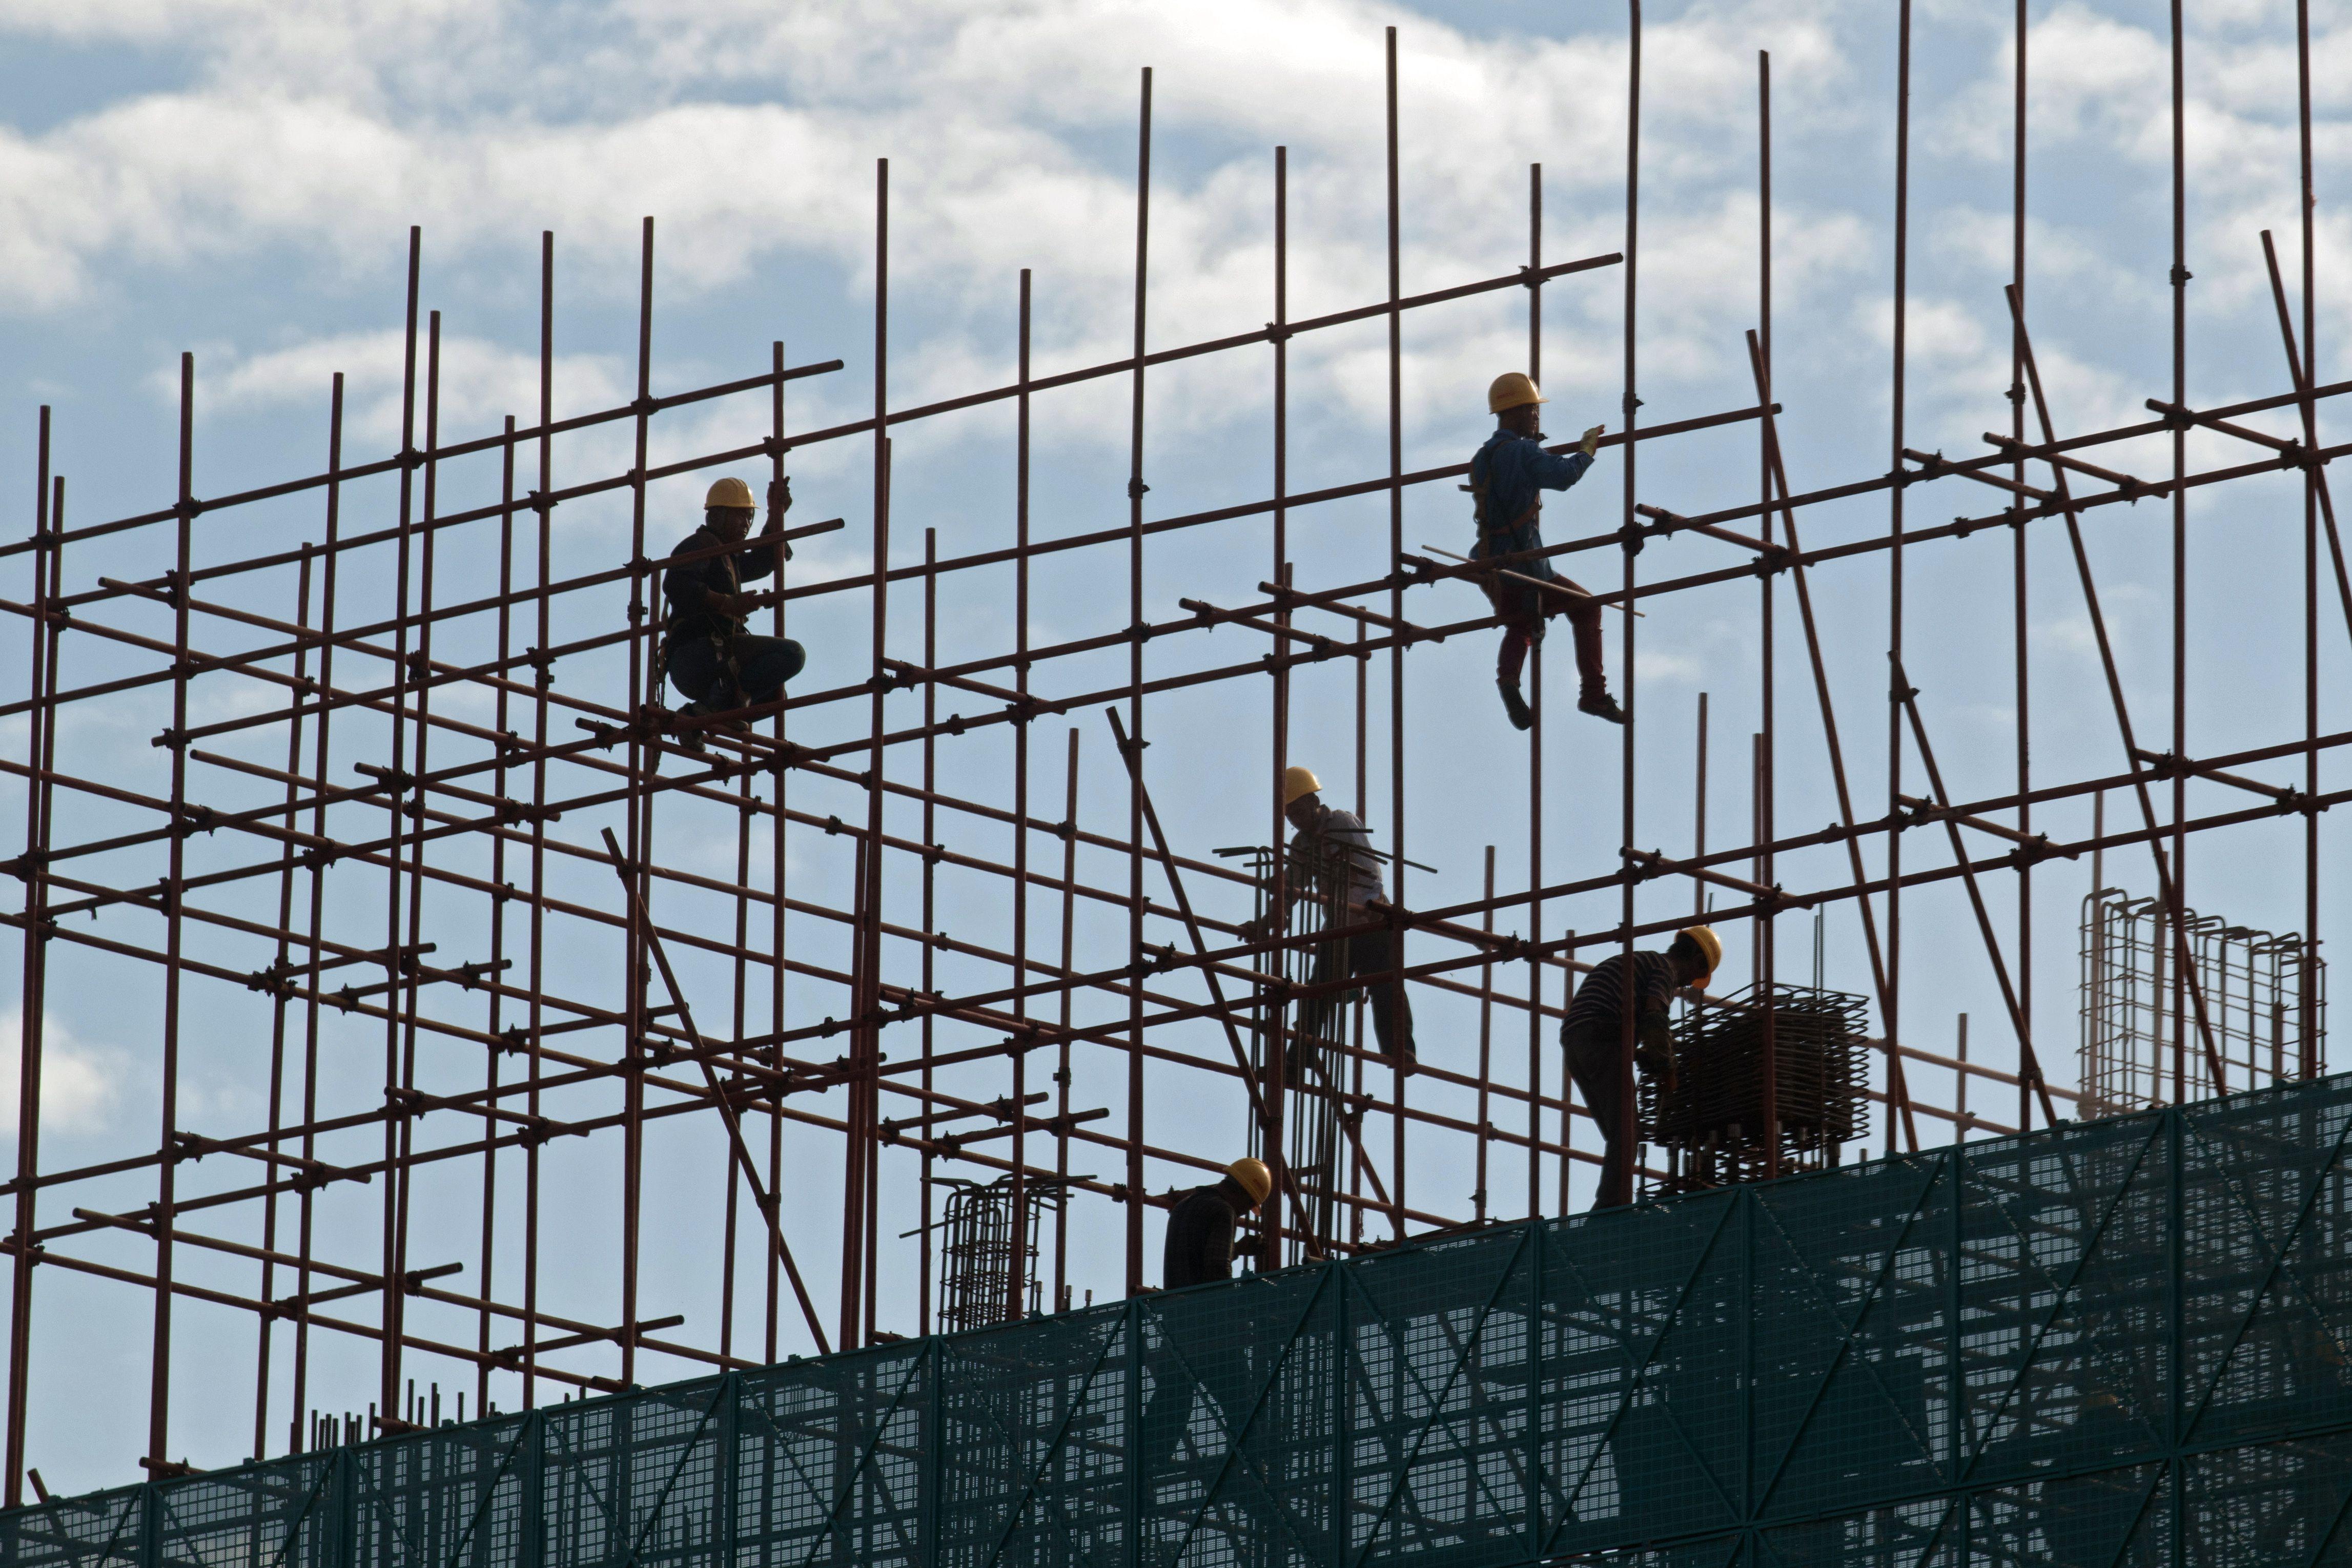 惠譽警告中共:勿以債務驅動經濟